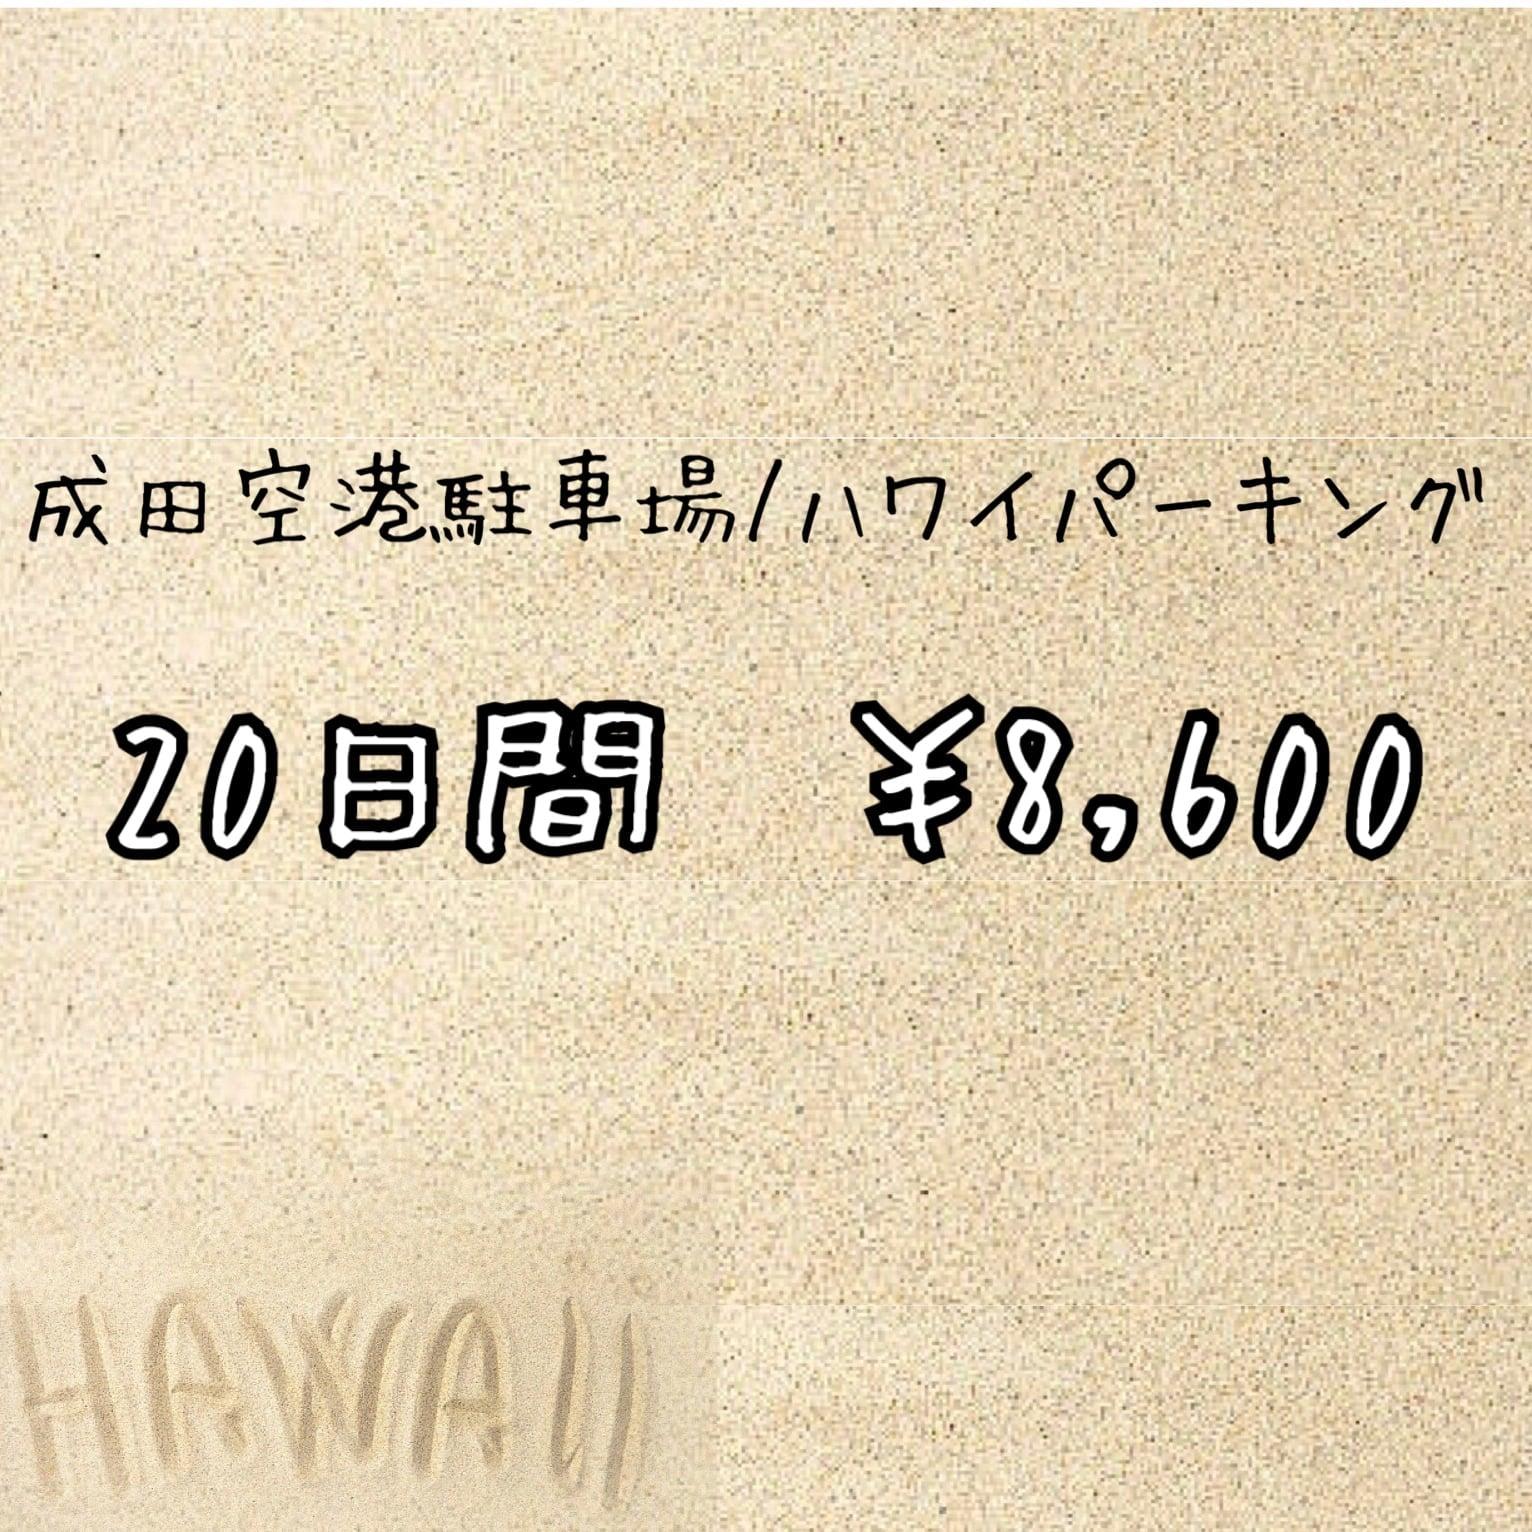 【成田空港駐車場・料金】20日間/¥8600のイメージその1